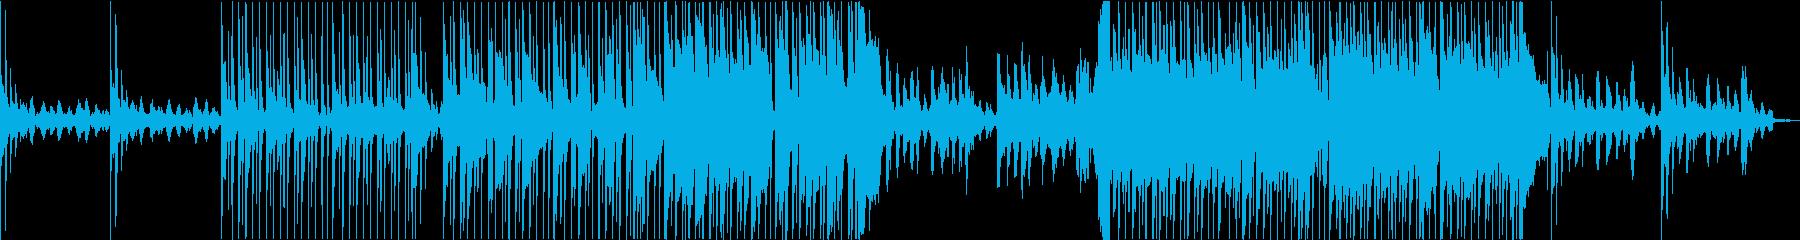 レトロ・ポップでチルでLoFiなBGMの再生済みの波形